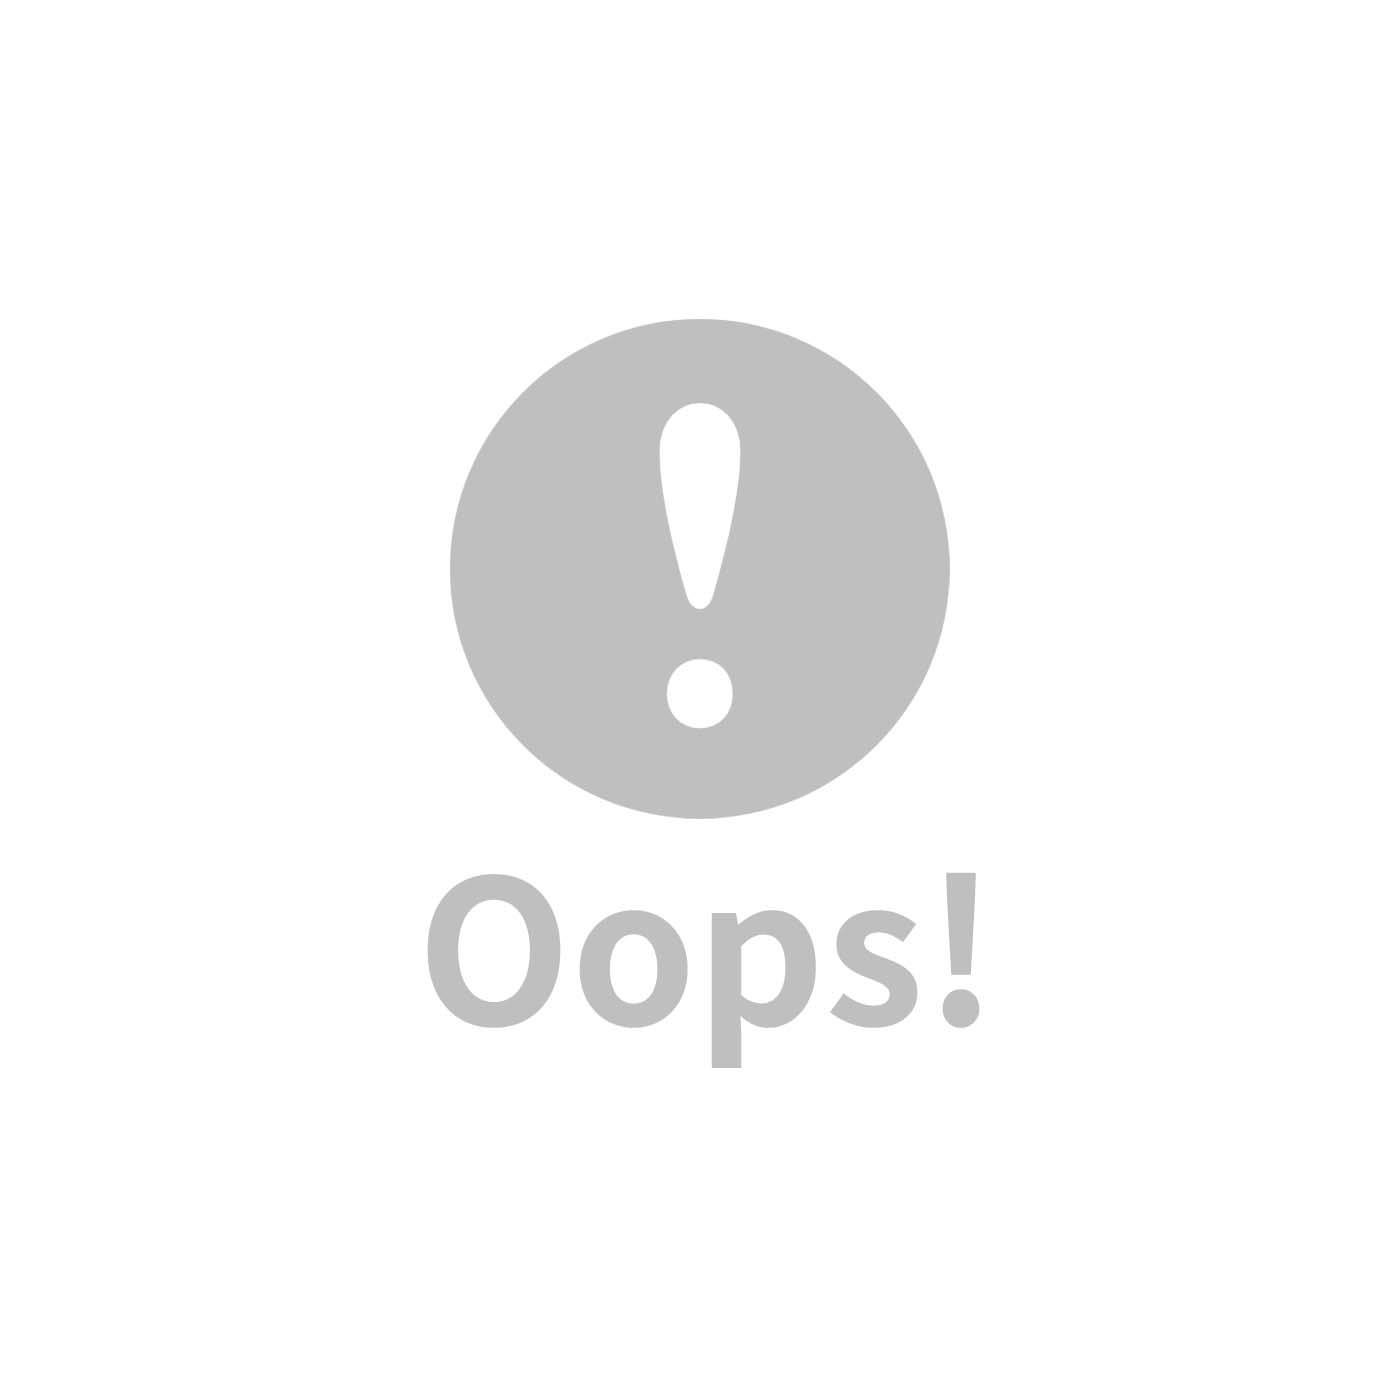 ELPRAIRIE頂級鮮厚超純水嬰兒濕紙巾-絲柔呵護印花款(大包5入)